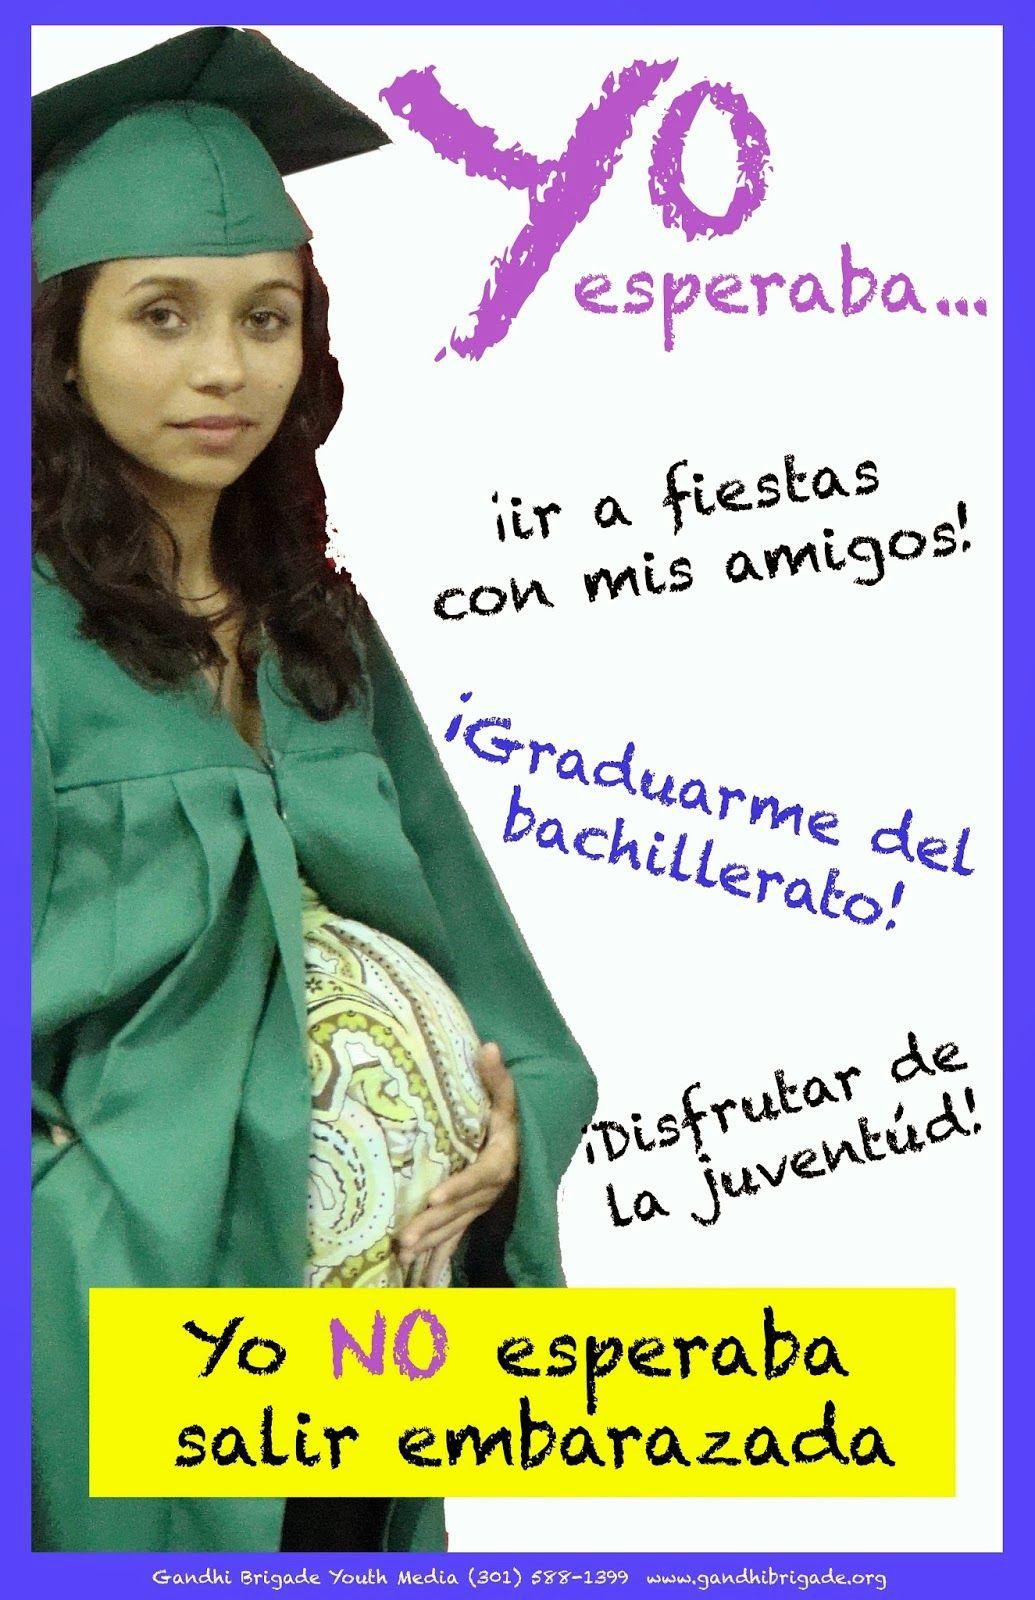 Embarazo Adolescente En La Edad Escolar Embarazo Adolescente Madre Adolescente Embarazo